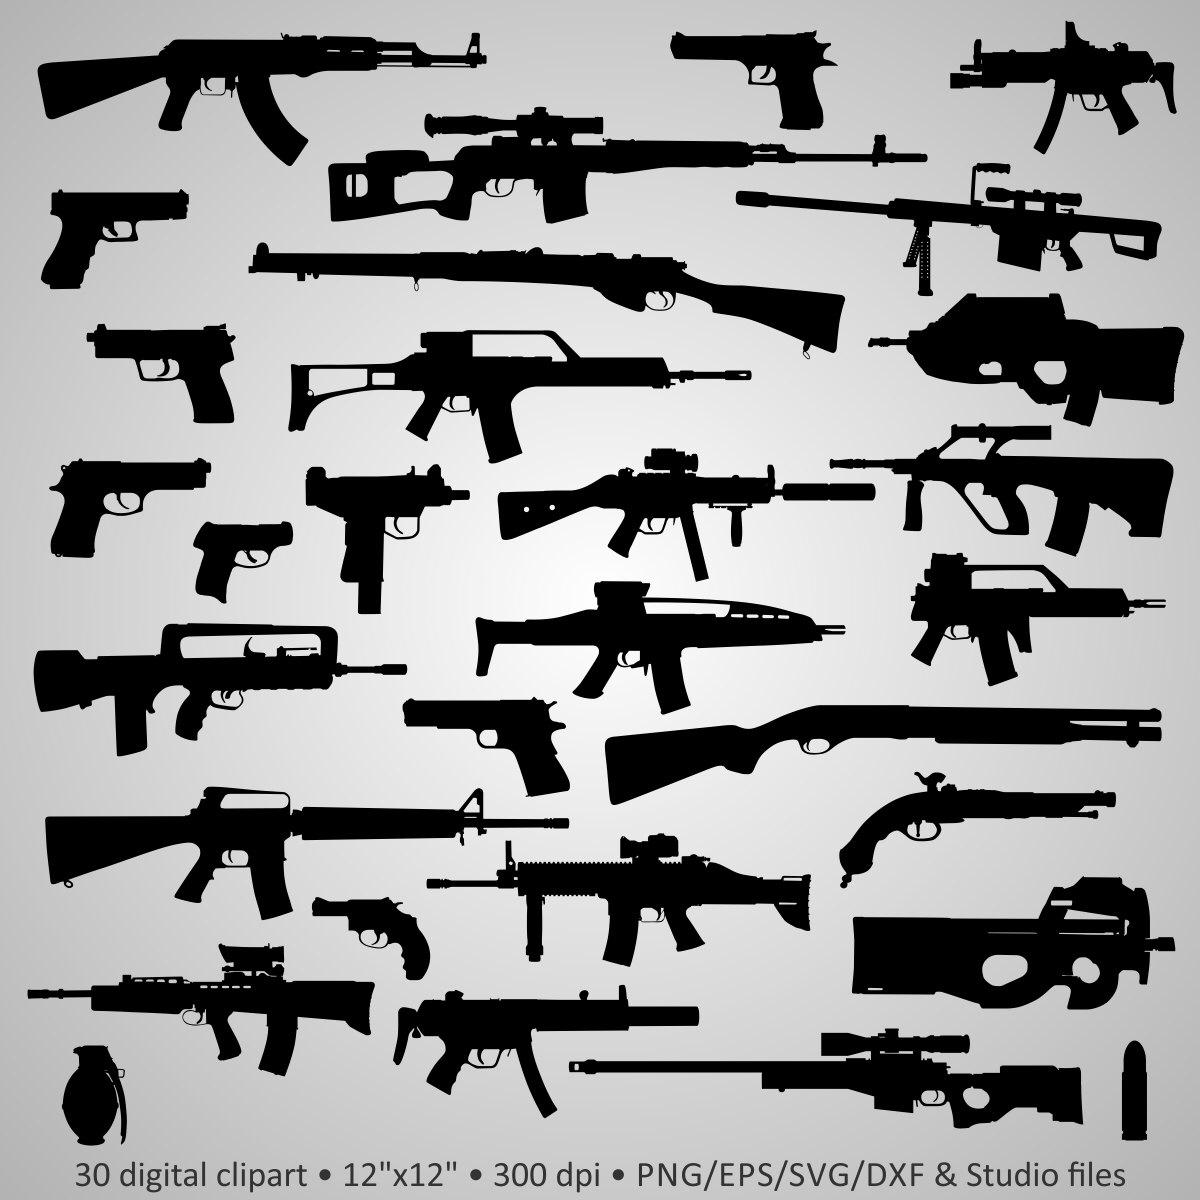 Shotgun clipart barrett 47 Silhouettes Clipart Guns Silhouettes